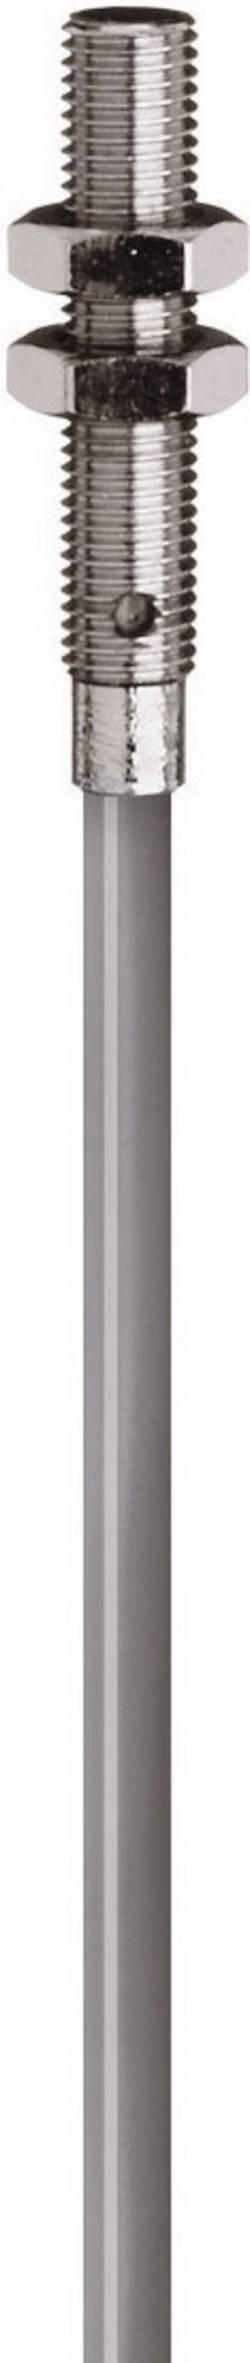 Détecteur de proximité inductif Contrinex DW-AD-623-M4 320-920-183 M4 affleurant PNP 1 pc(s)